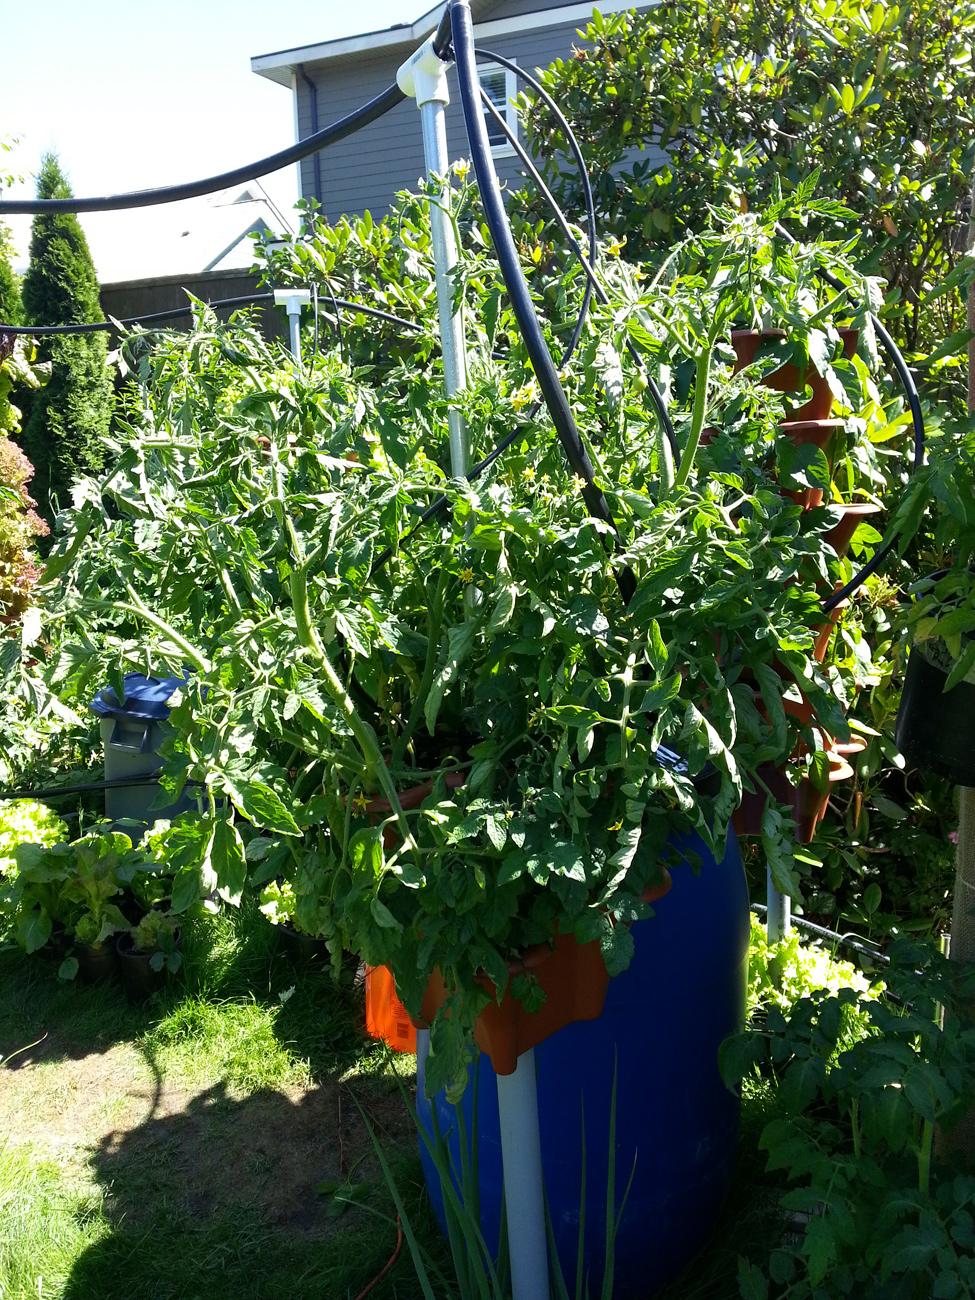 Beefsteak Tomatoes grown in Pacific Northwest